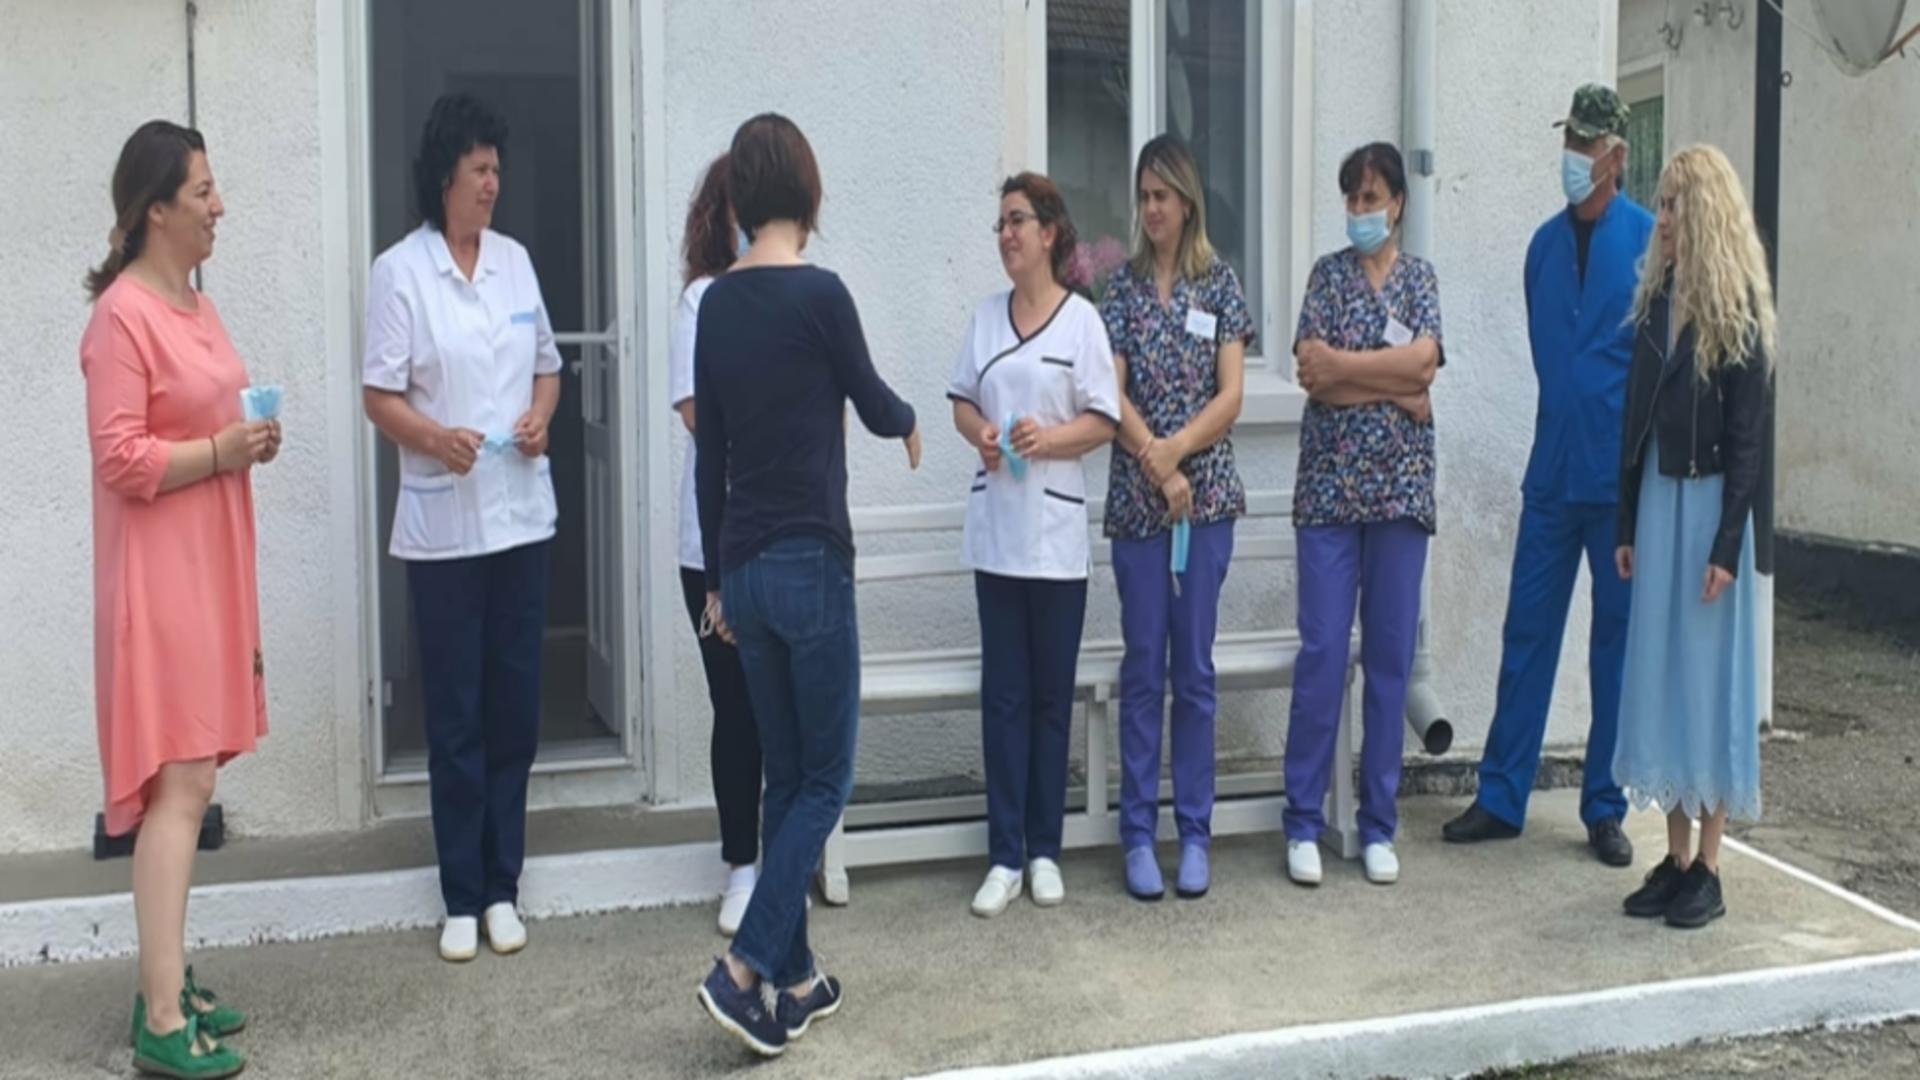 Ministrul Sănătății, Ioana Mihăilă, și secretarul de stat Monica Althamer, în vizită la Spitalul Tichilești din Tulcea / Foto: Facebook Ministerul Sănătății